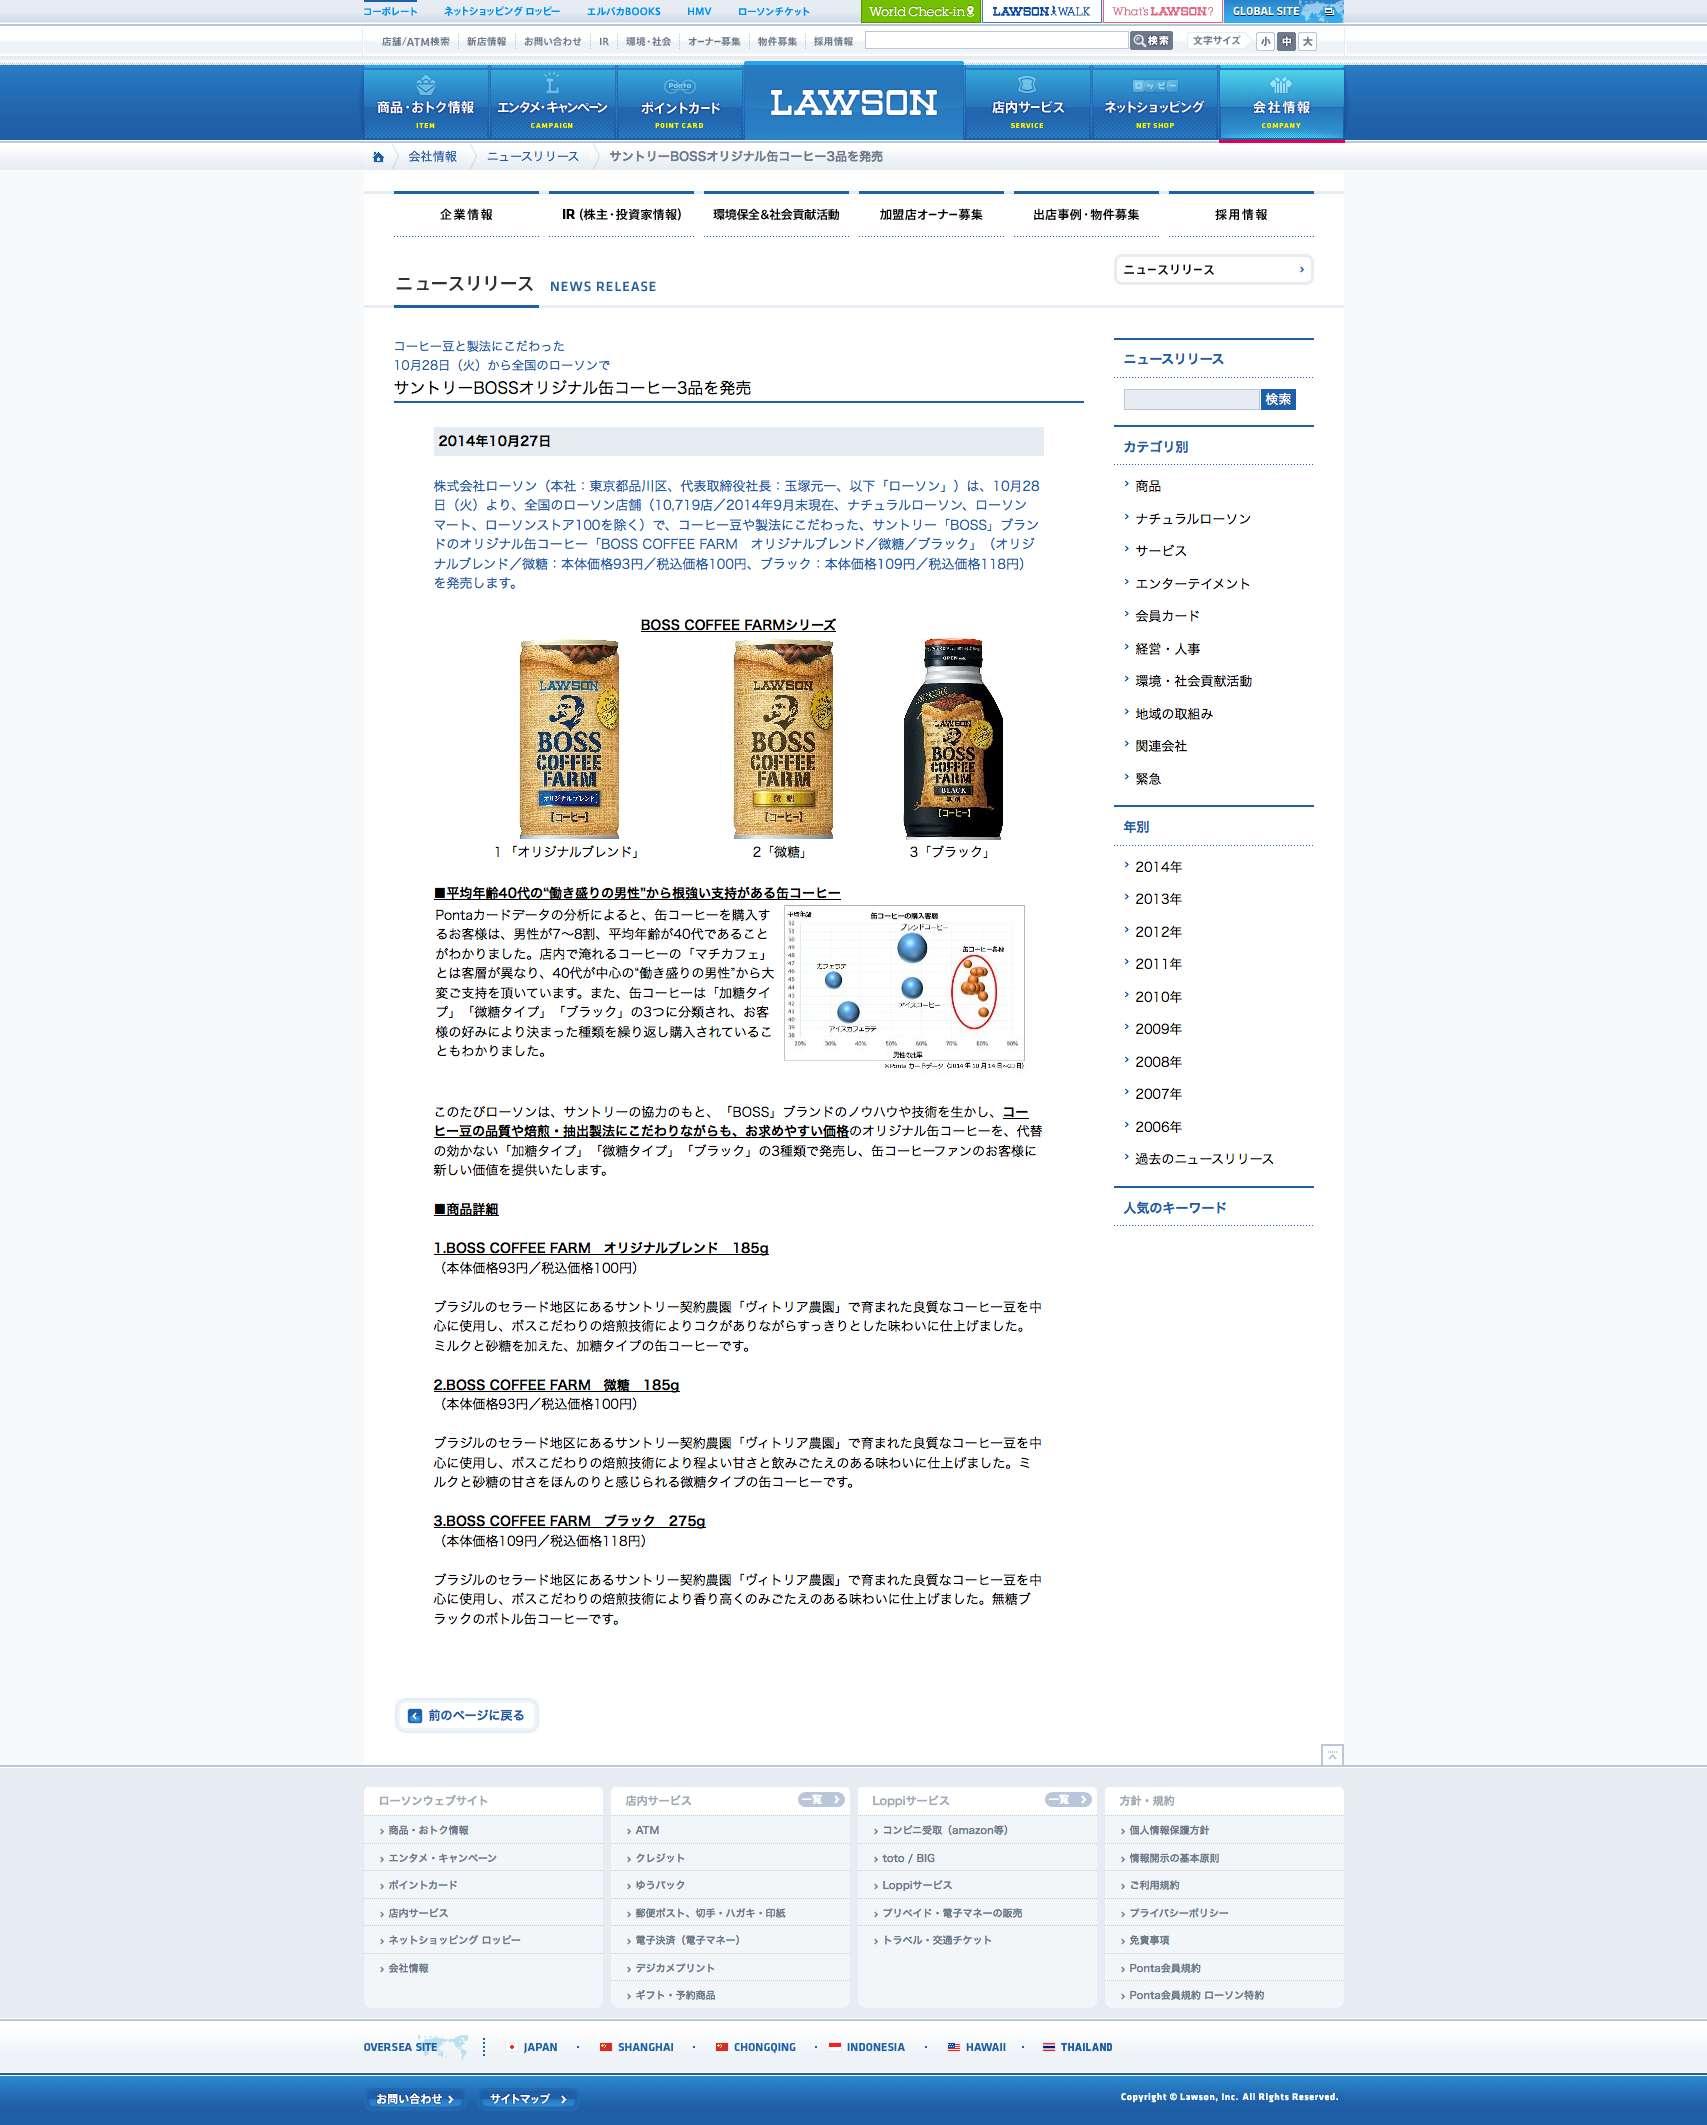 サントリーBOSSオリジナル缶コーヒー3品を発売  ニュースリリース  会社情報  ローソン